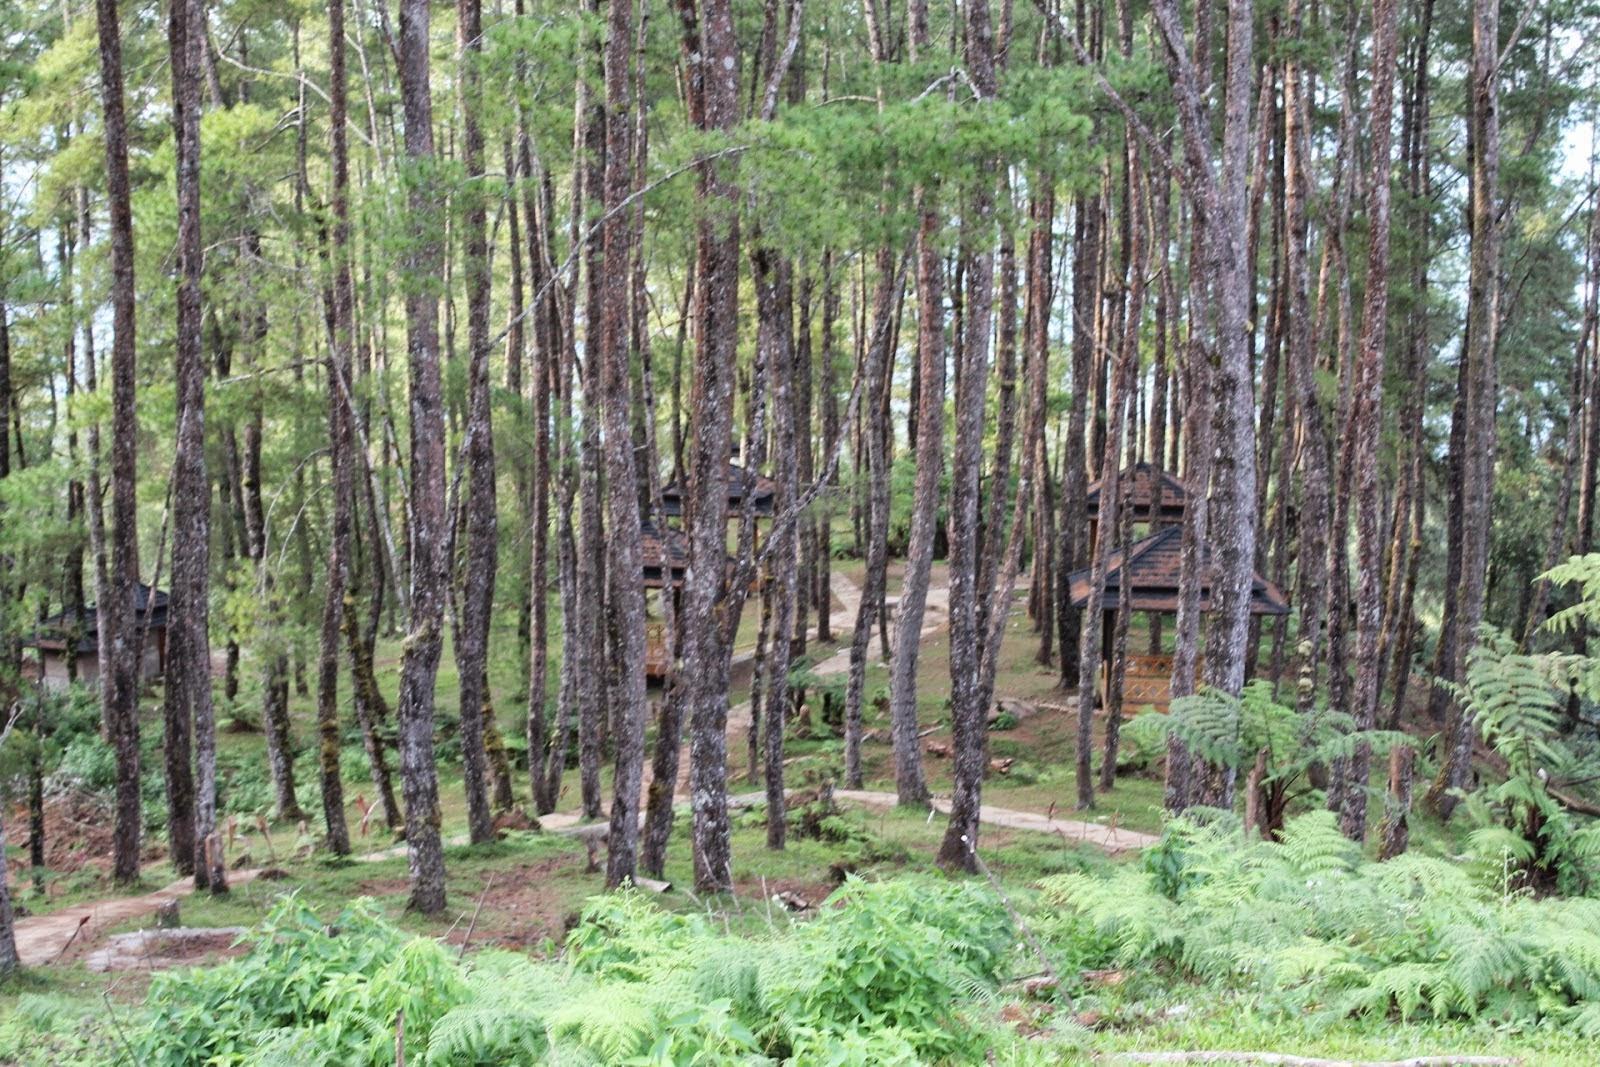 Hutan Pinus Wisata Alam Pango-Pango Tana Toraja